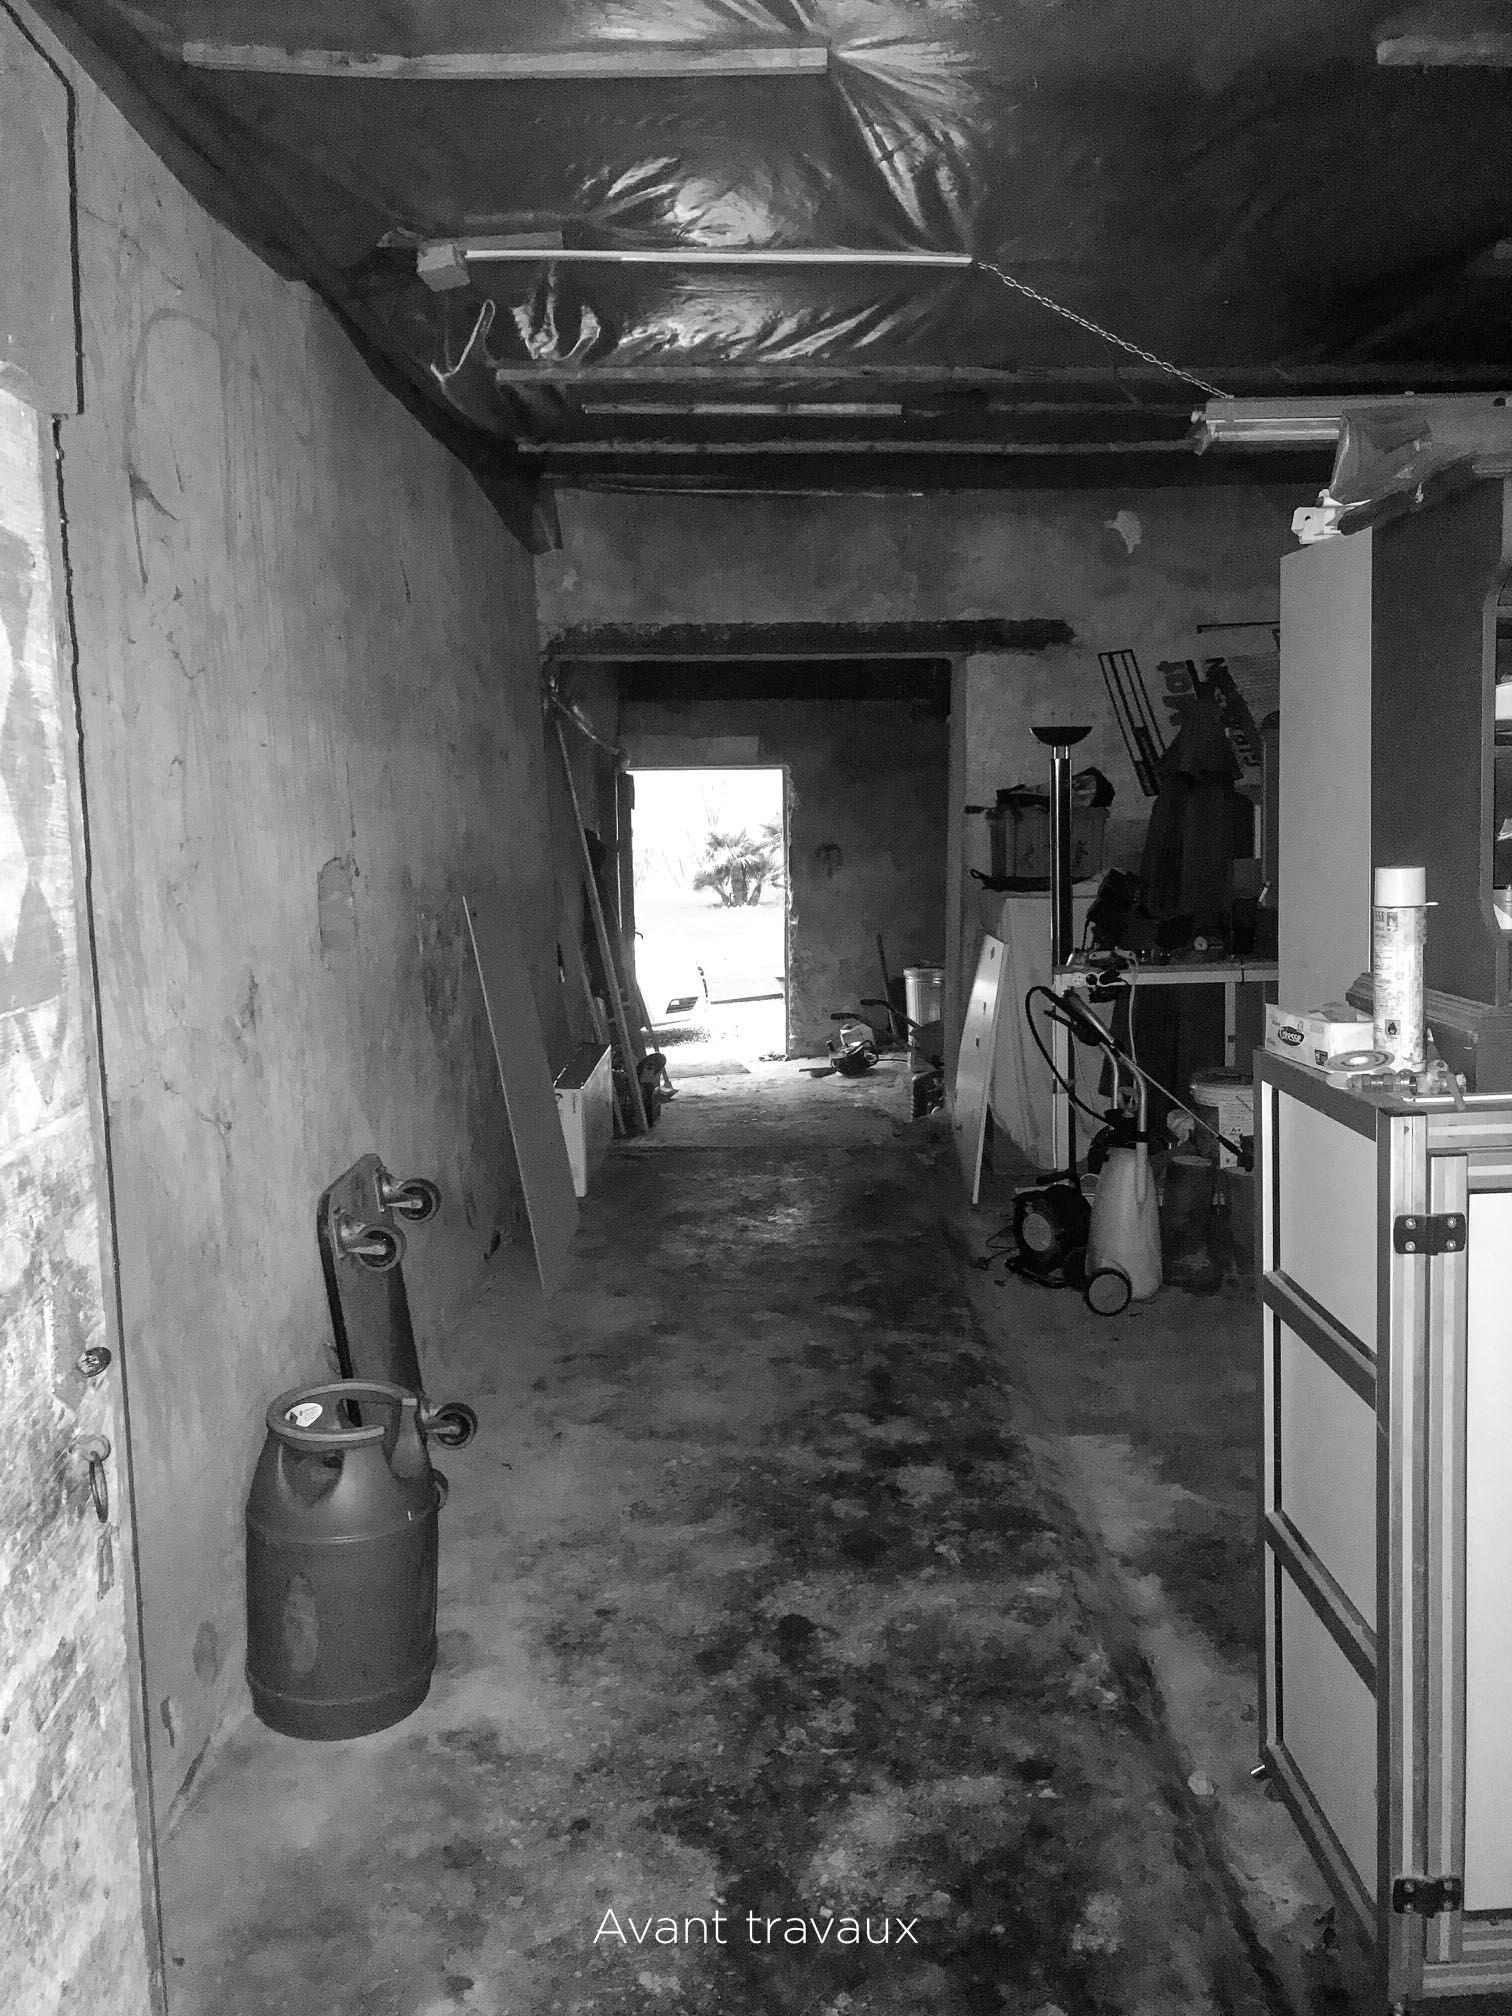 renovation-ferme-grange-architecte-façade-travaux-permis-de-construire-2